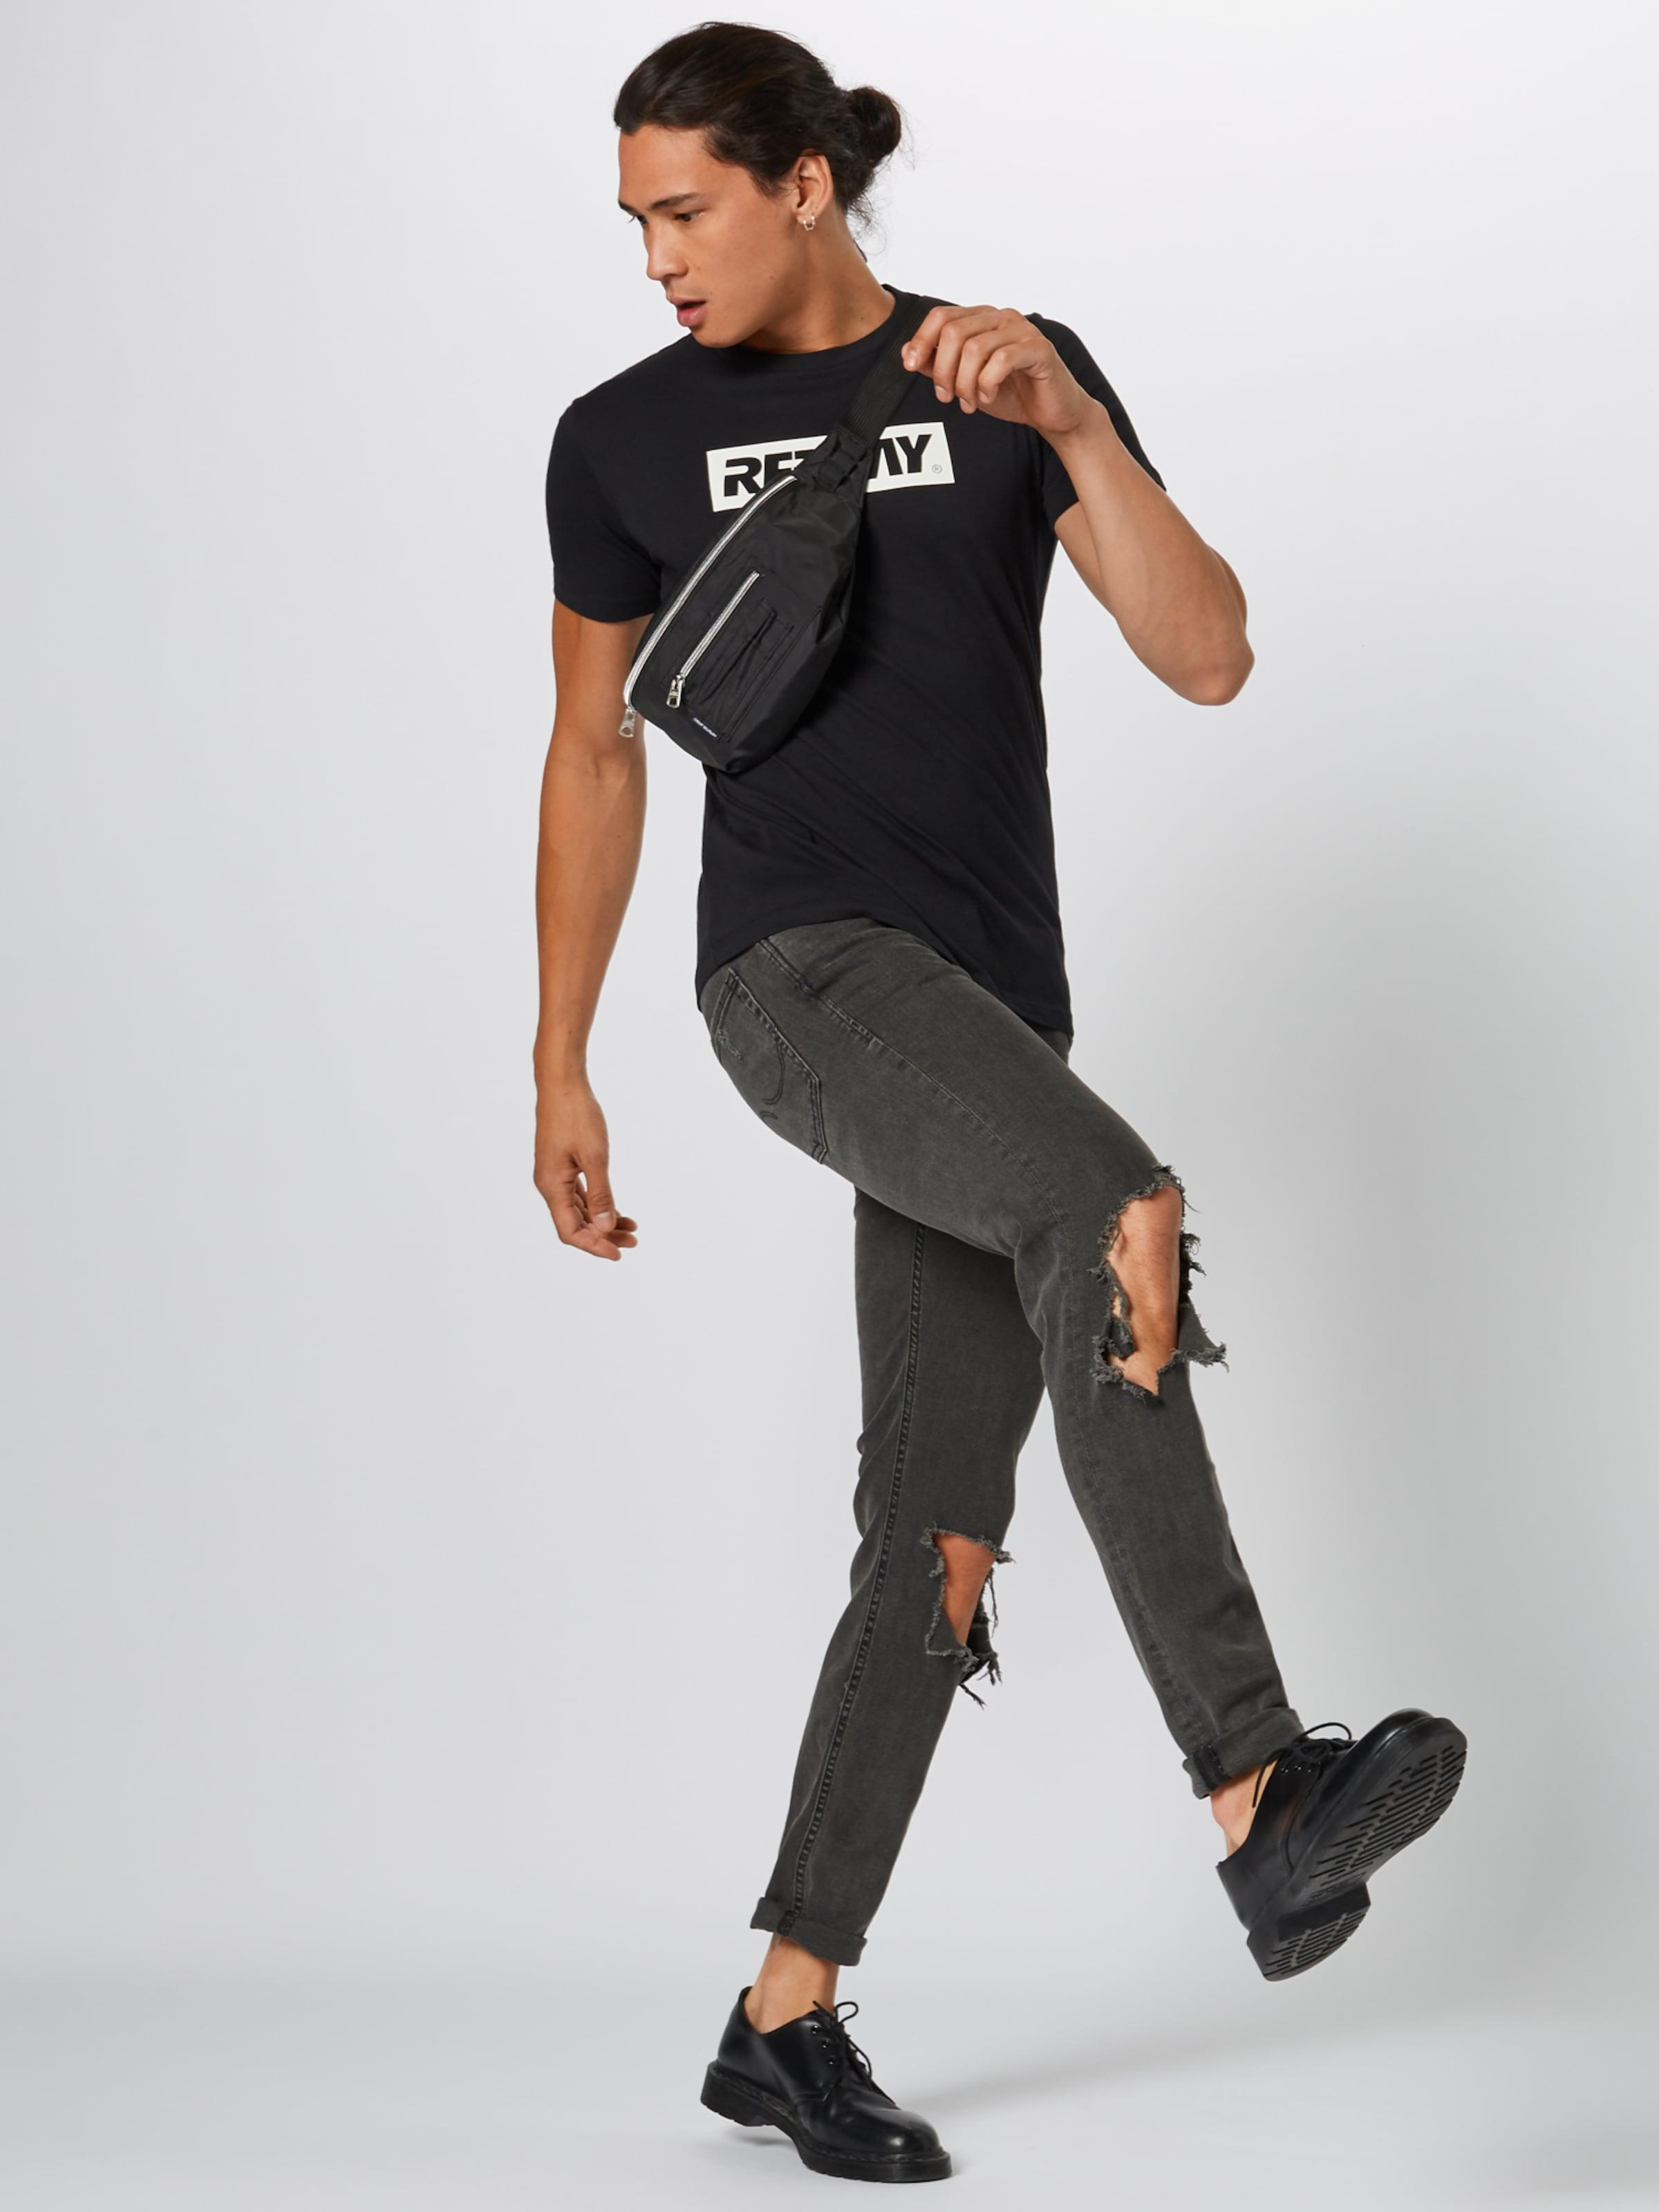 Replay T Replay Schwarz In T shirt 2DeIH9EWY